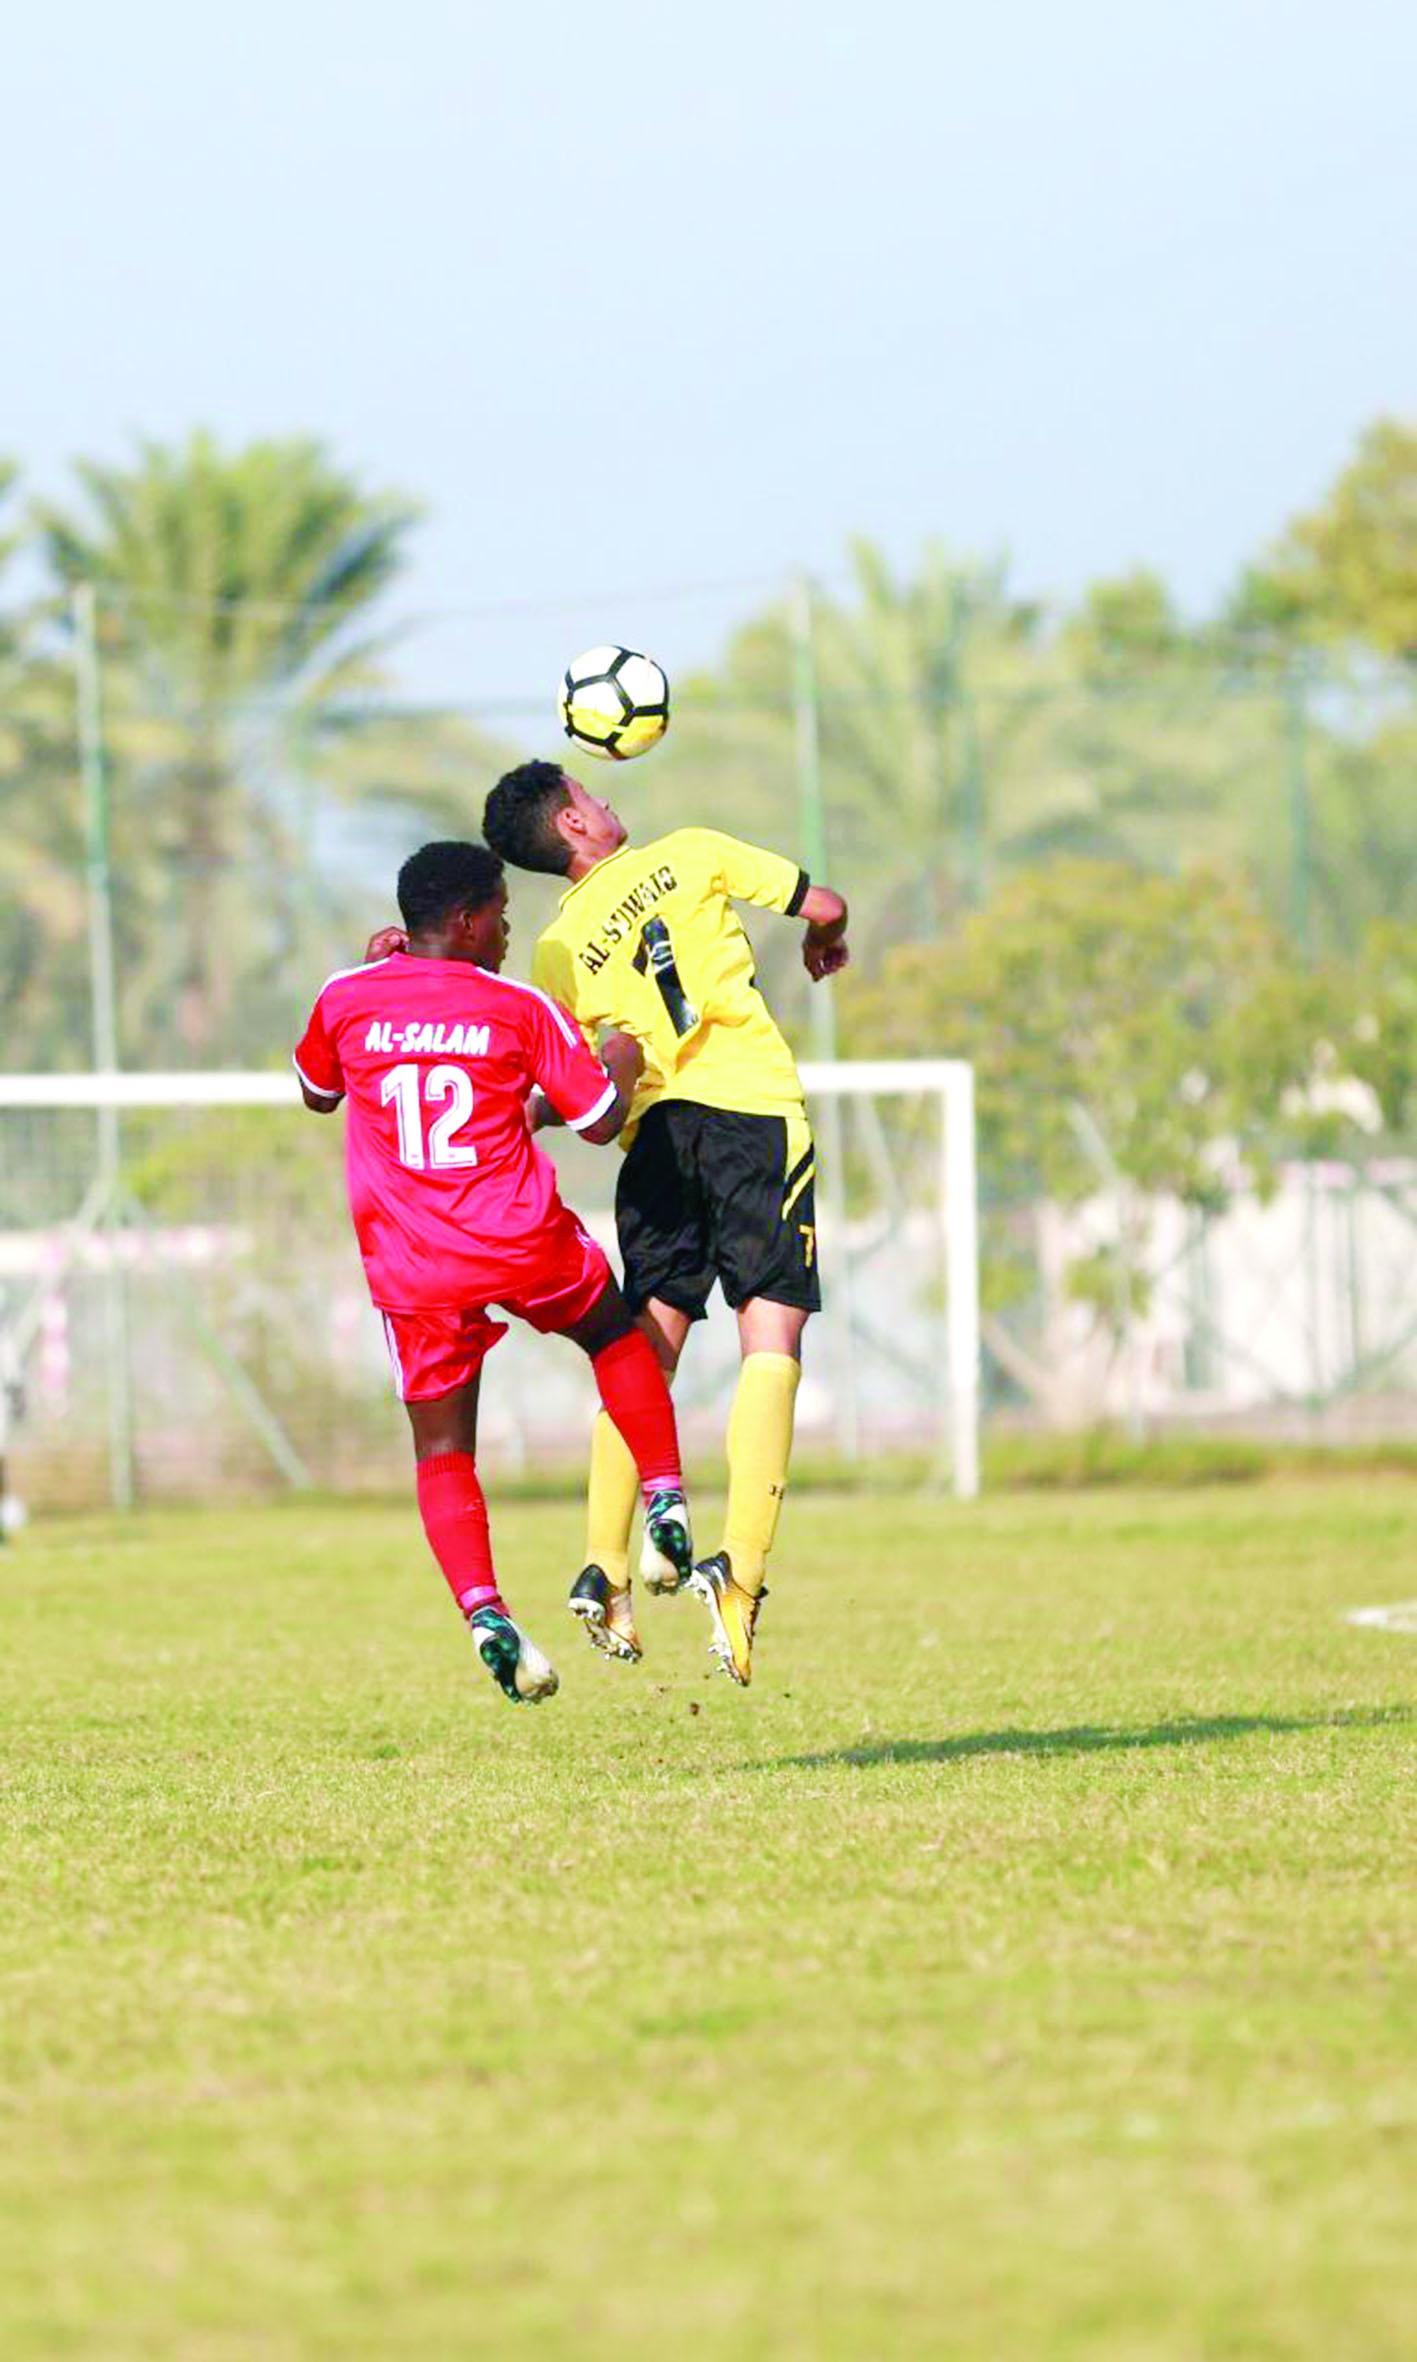 السويق يواصل تحقيق نتائجه المتقدمة في دوري الكرة للشباب